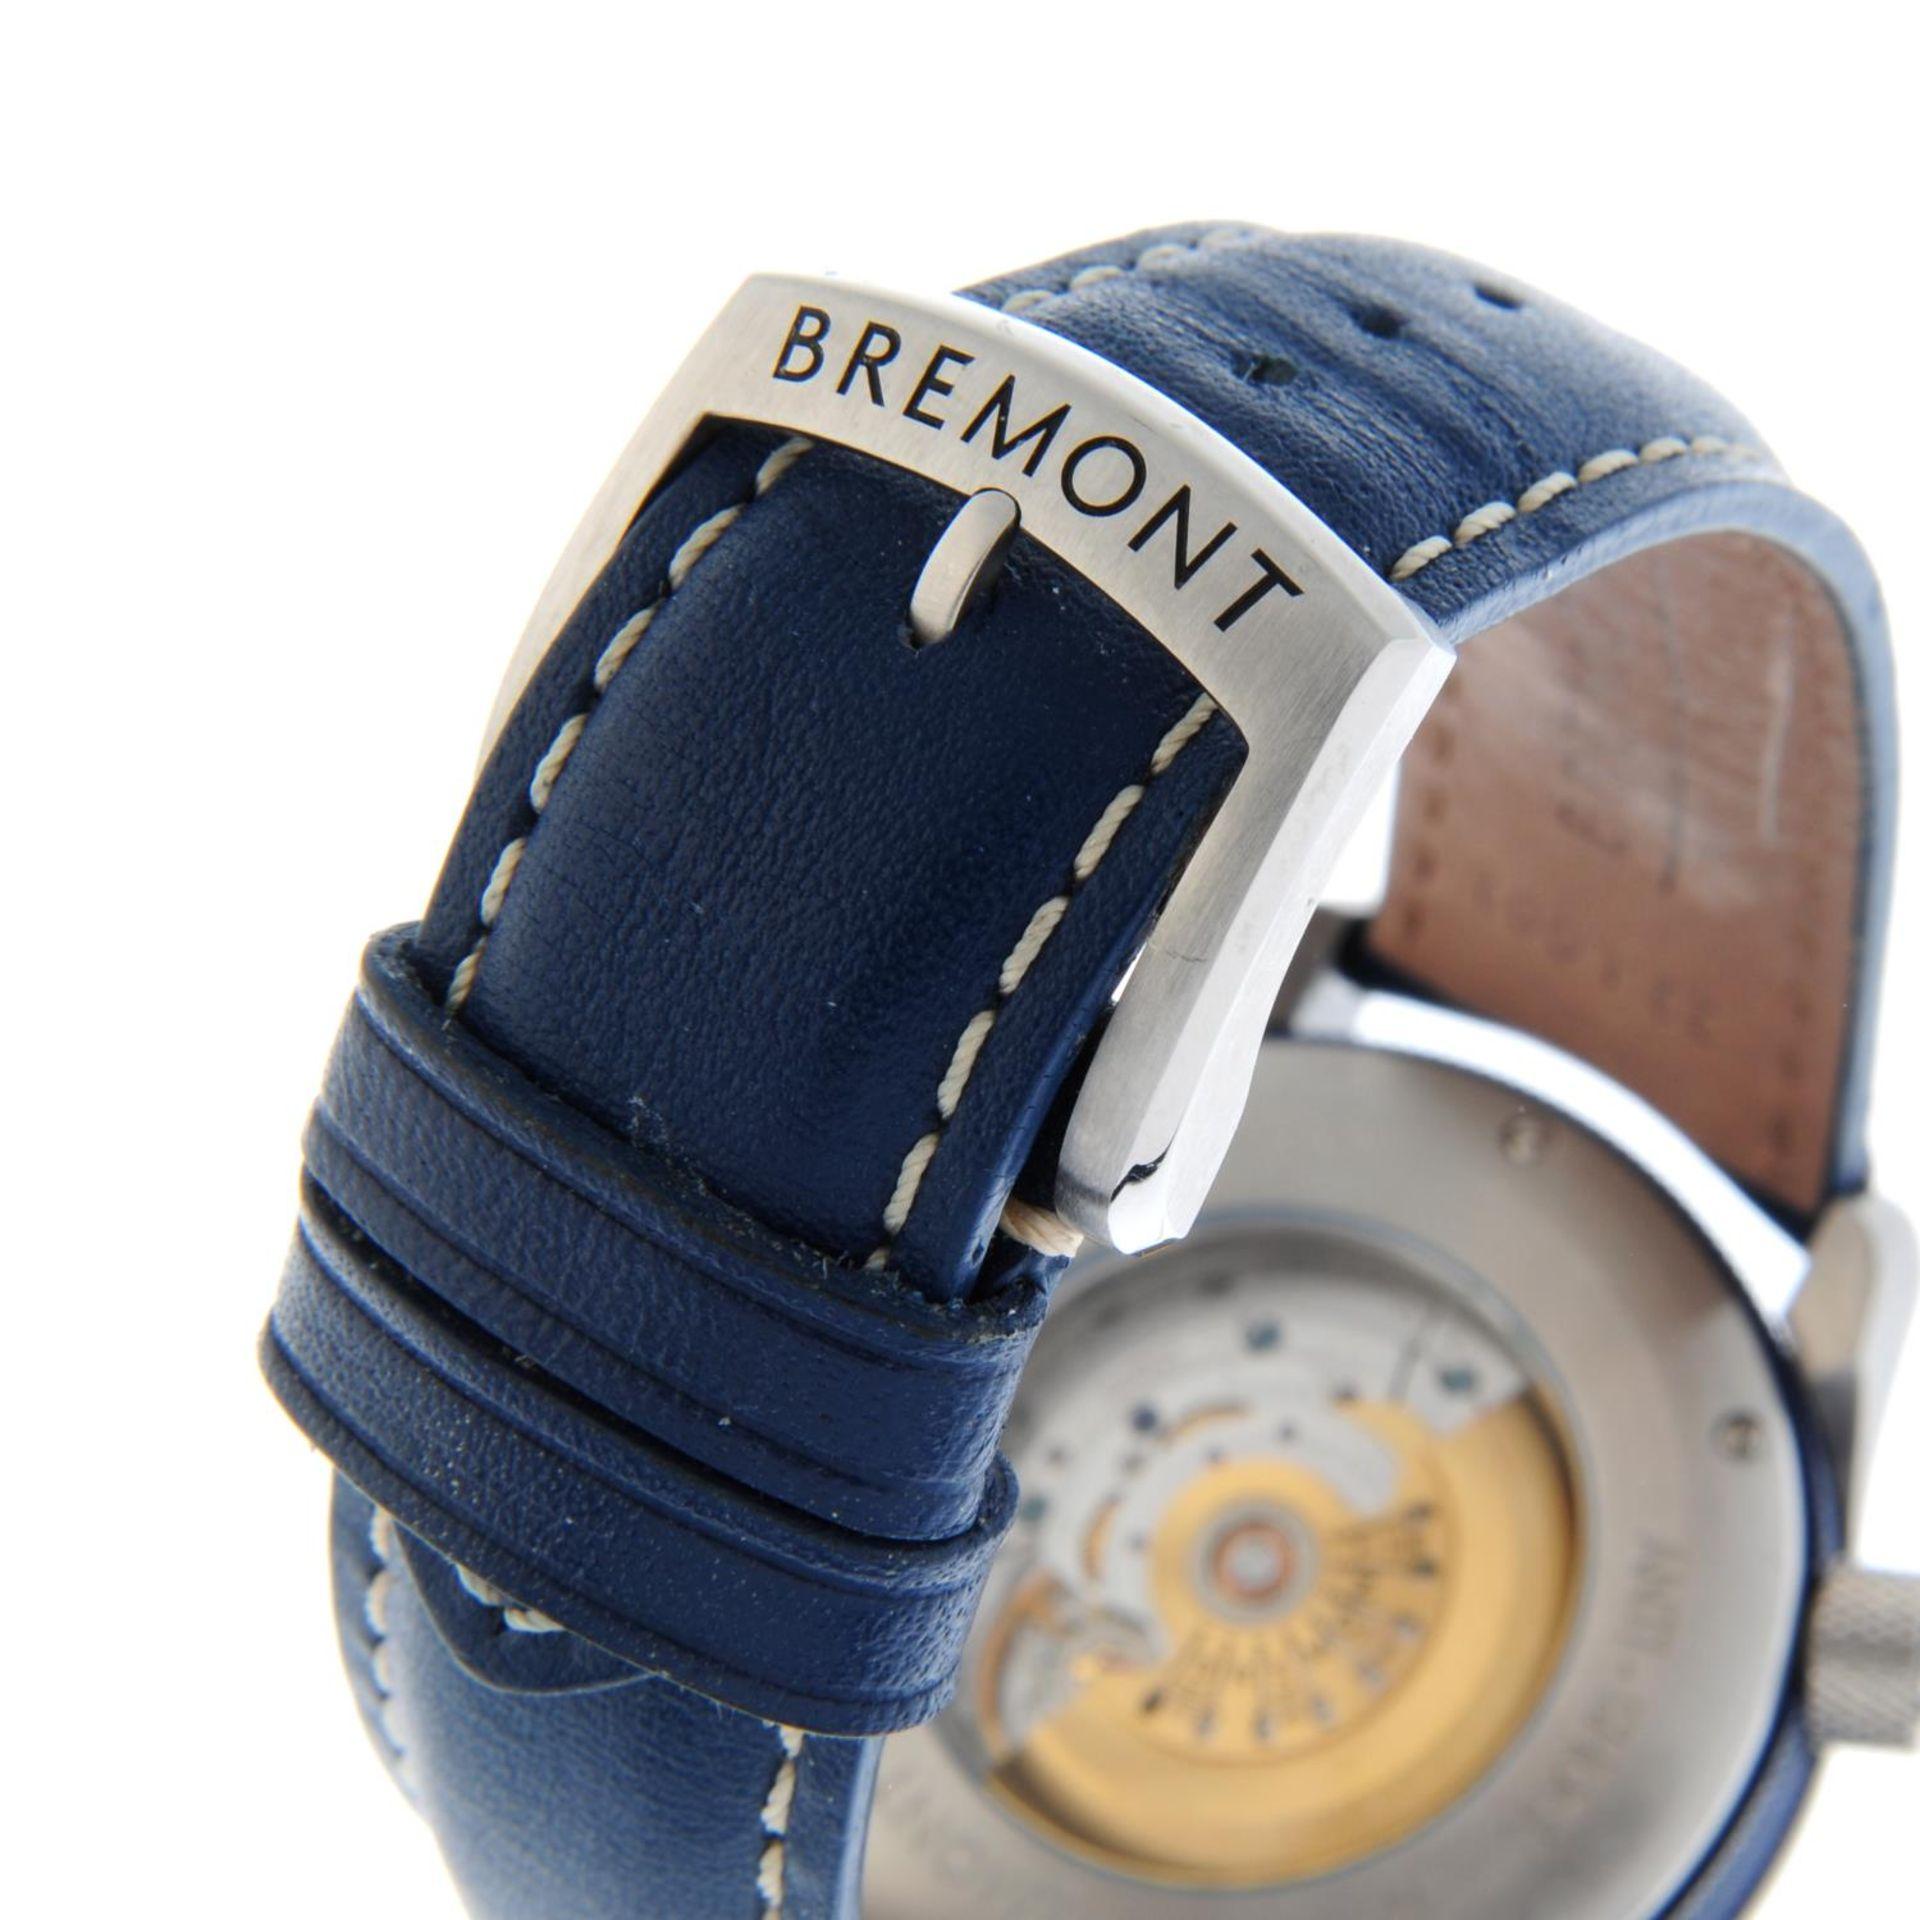 BREMONT - a U2 wrist watch. - Bild 2 aus 6